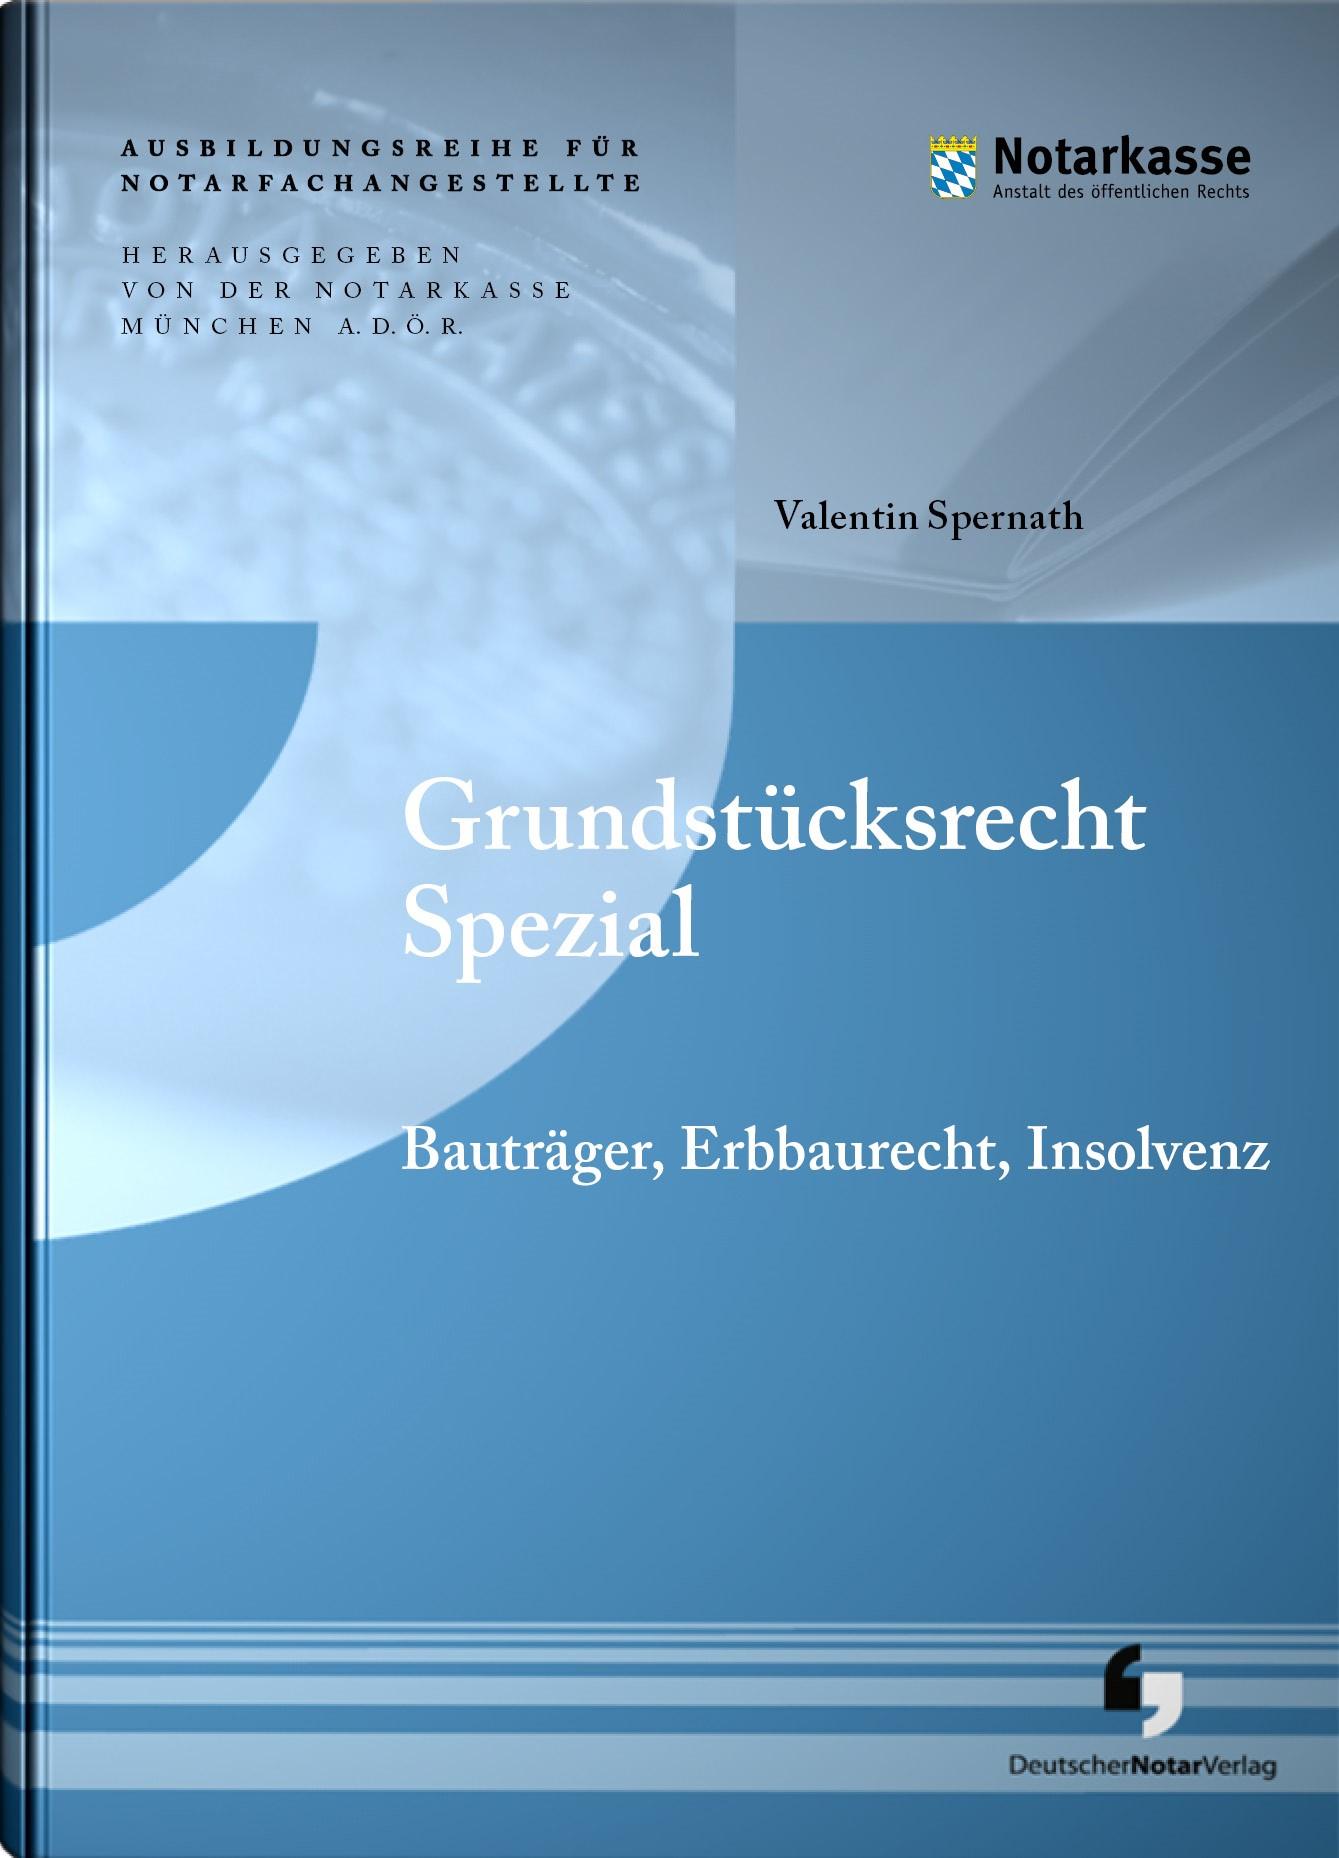 Grundstücksrecht Spezial | A. D. Ö. R., Notarkasse München / Spernath (Hrsg.), 2018 | Buch (Cover)